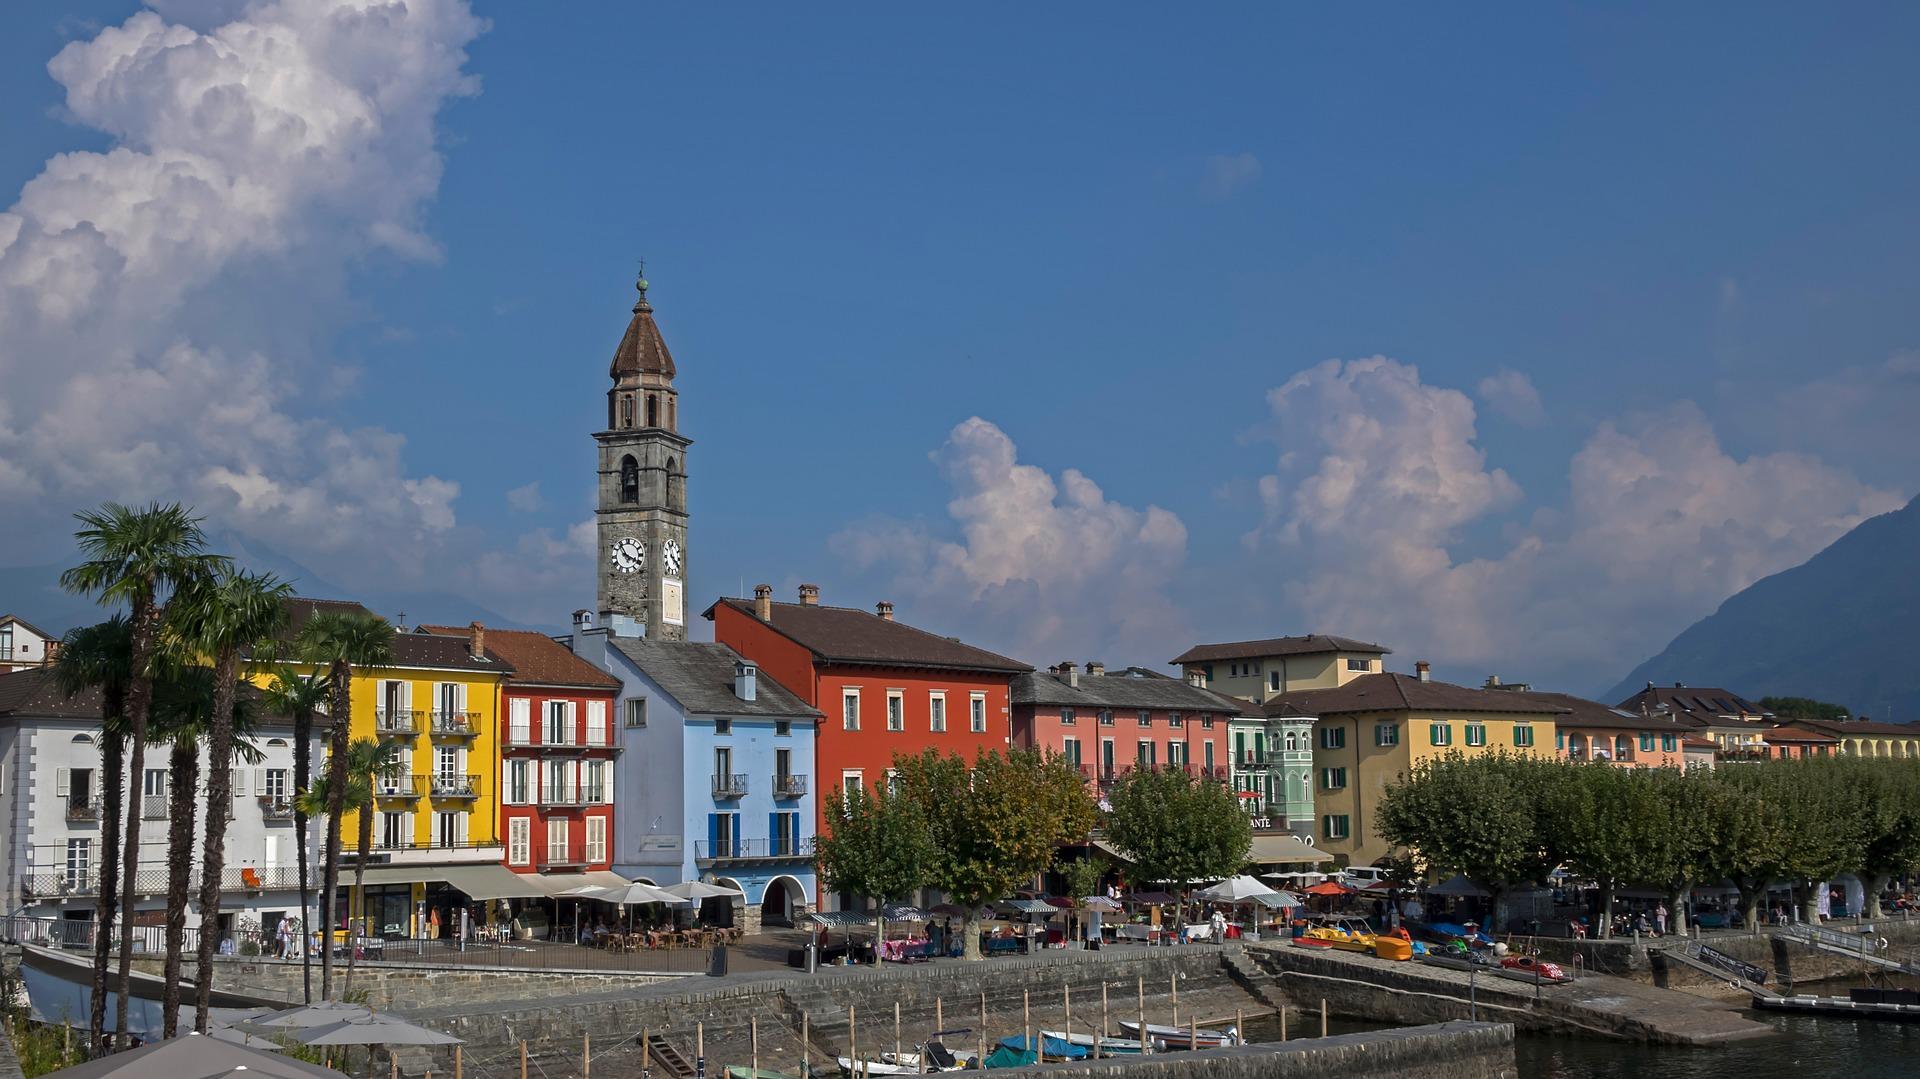 borghi da visitare in svizzera italiana